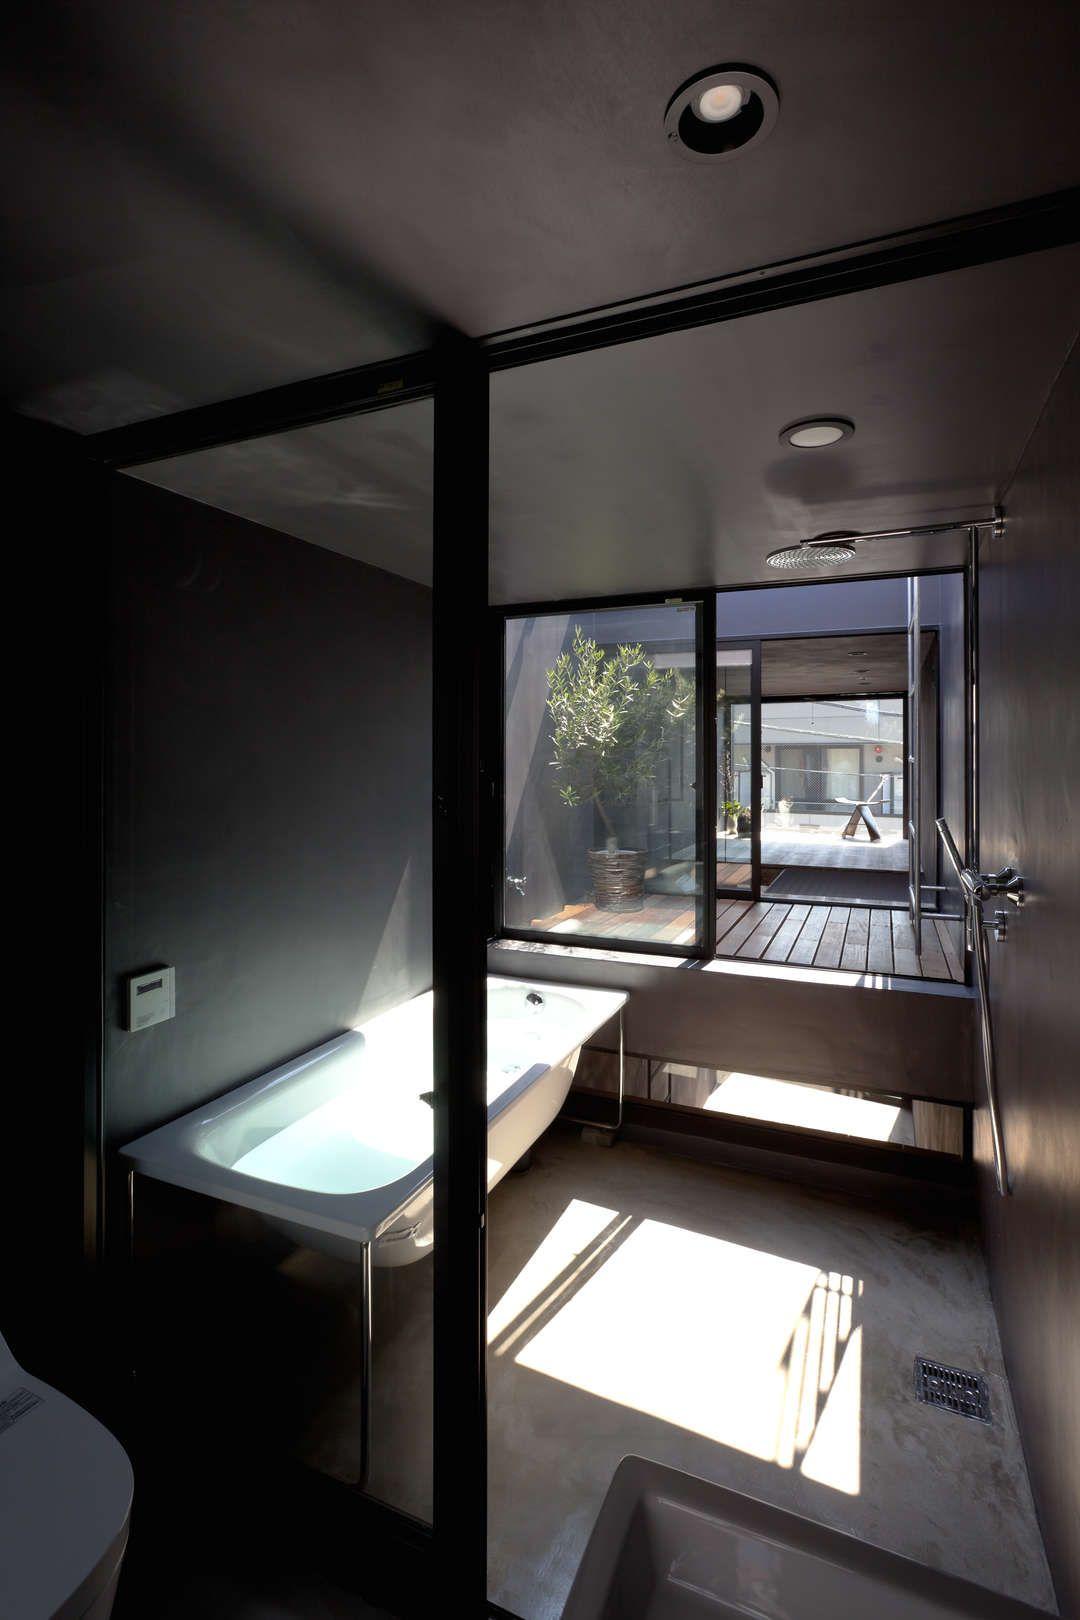 Innenarchitektur für wohnzimmer für kleines haus honey i shrunk the house  spacious microhousing projects